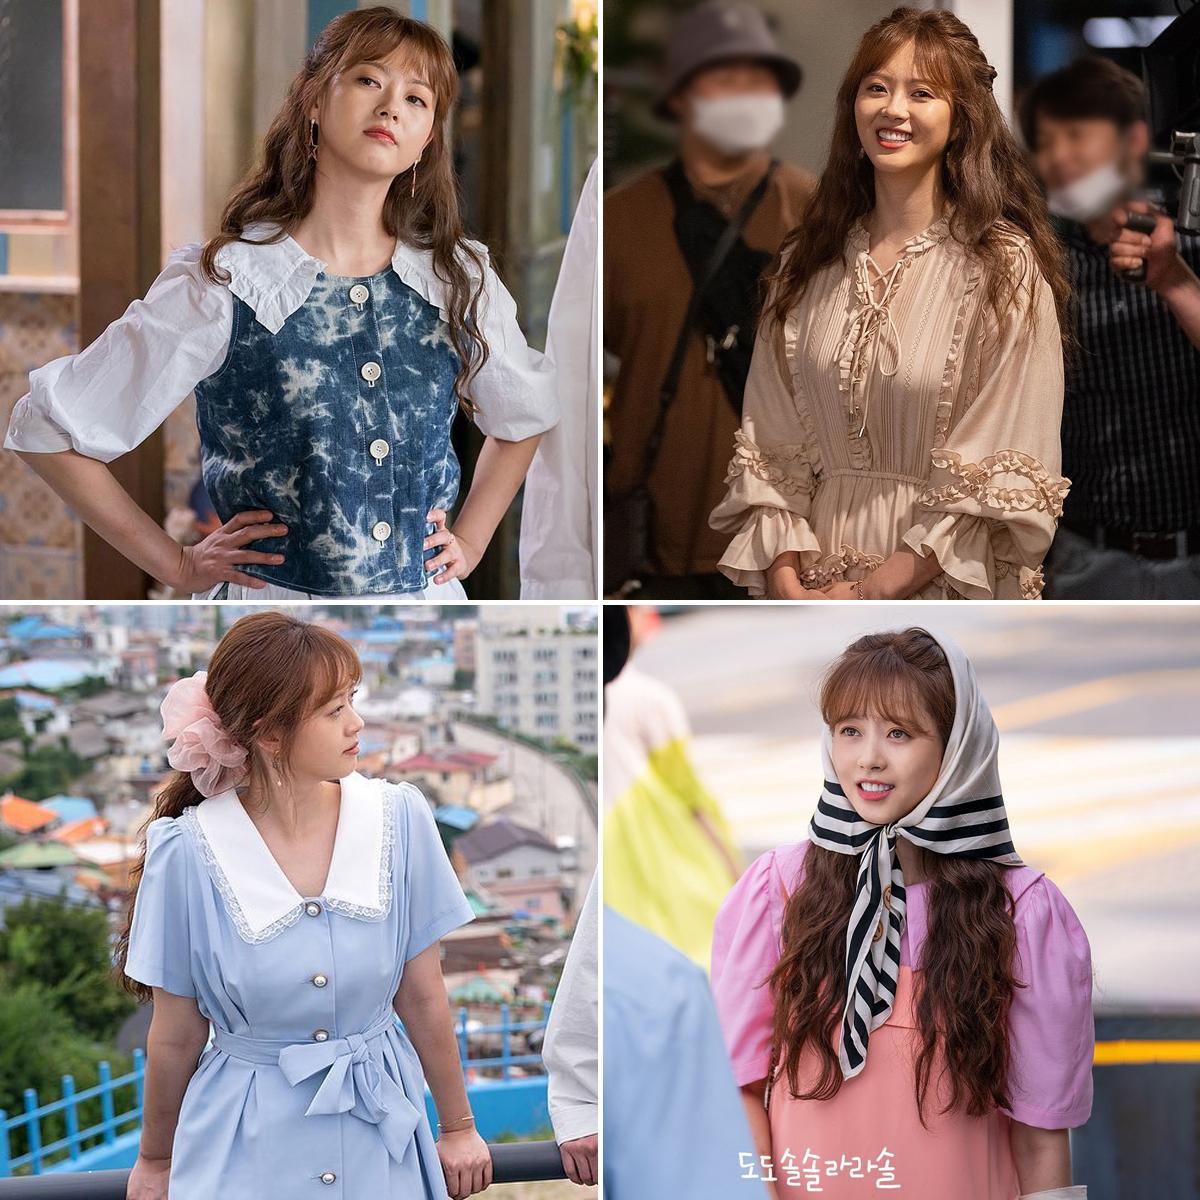 Thời trang cổ điển của Go Ara trong phim Hàn Quốc do do sol sol la la sol